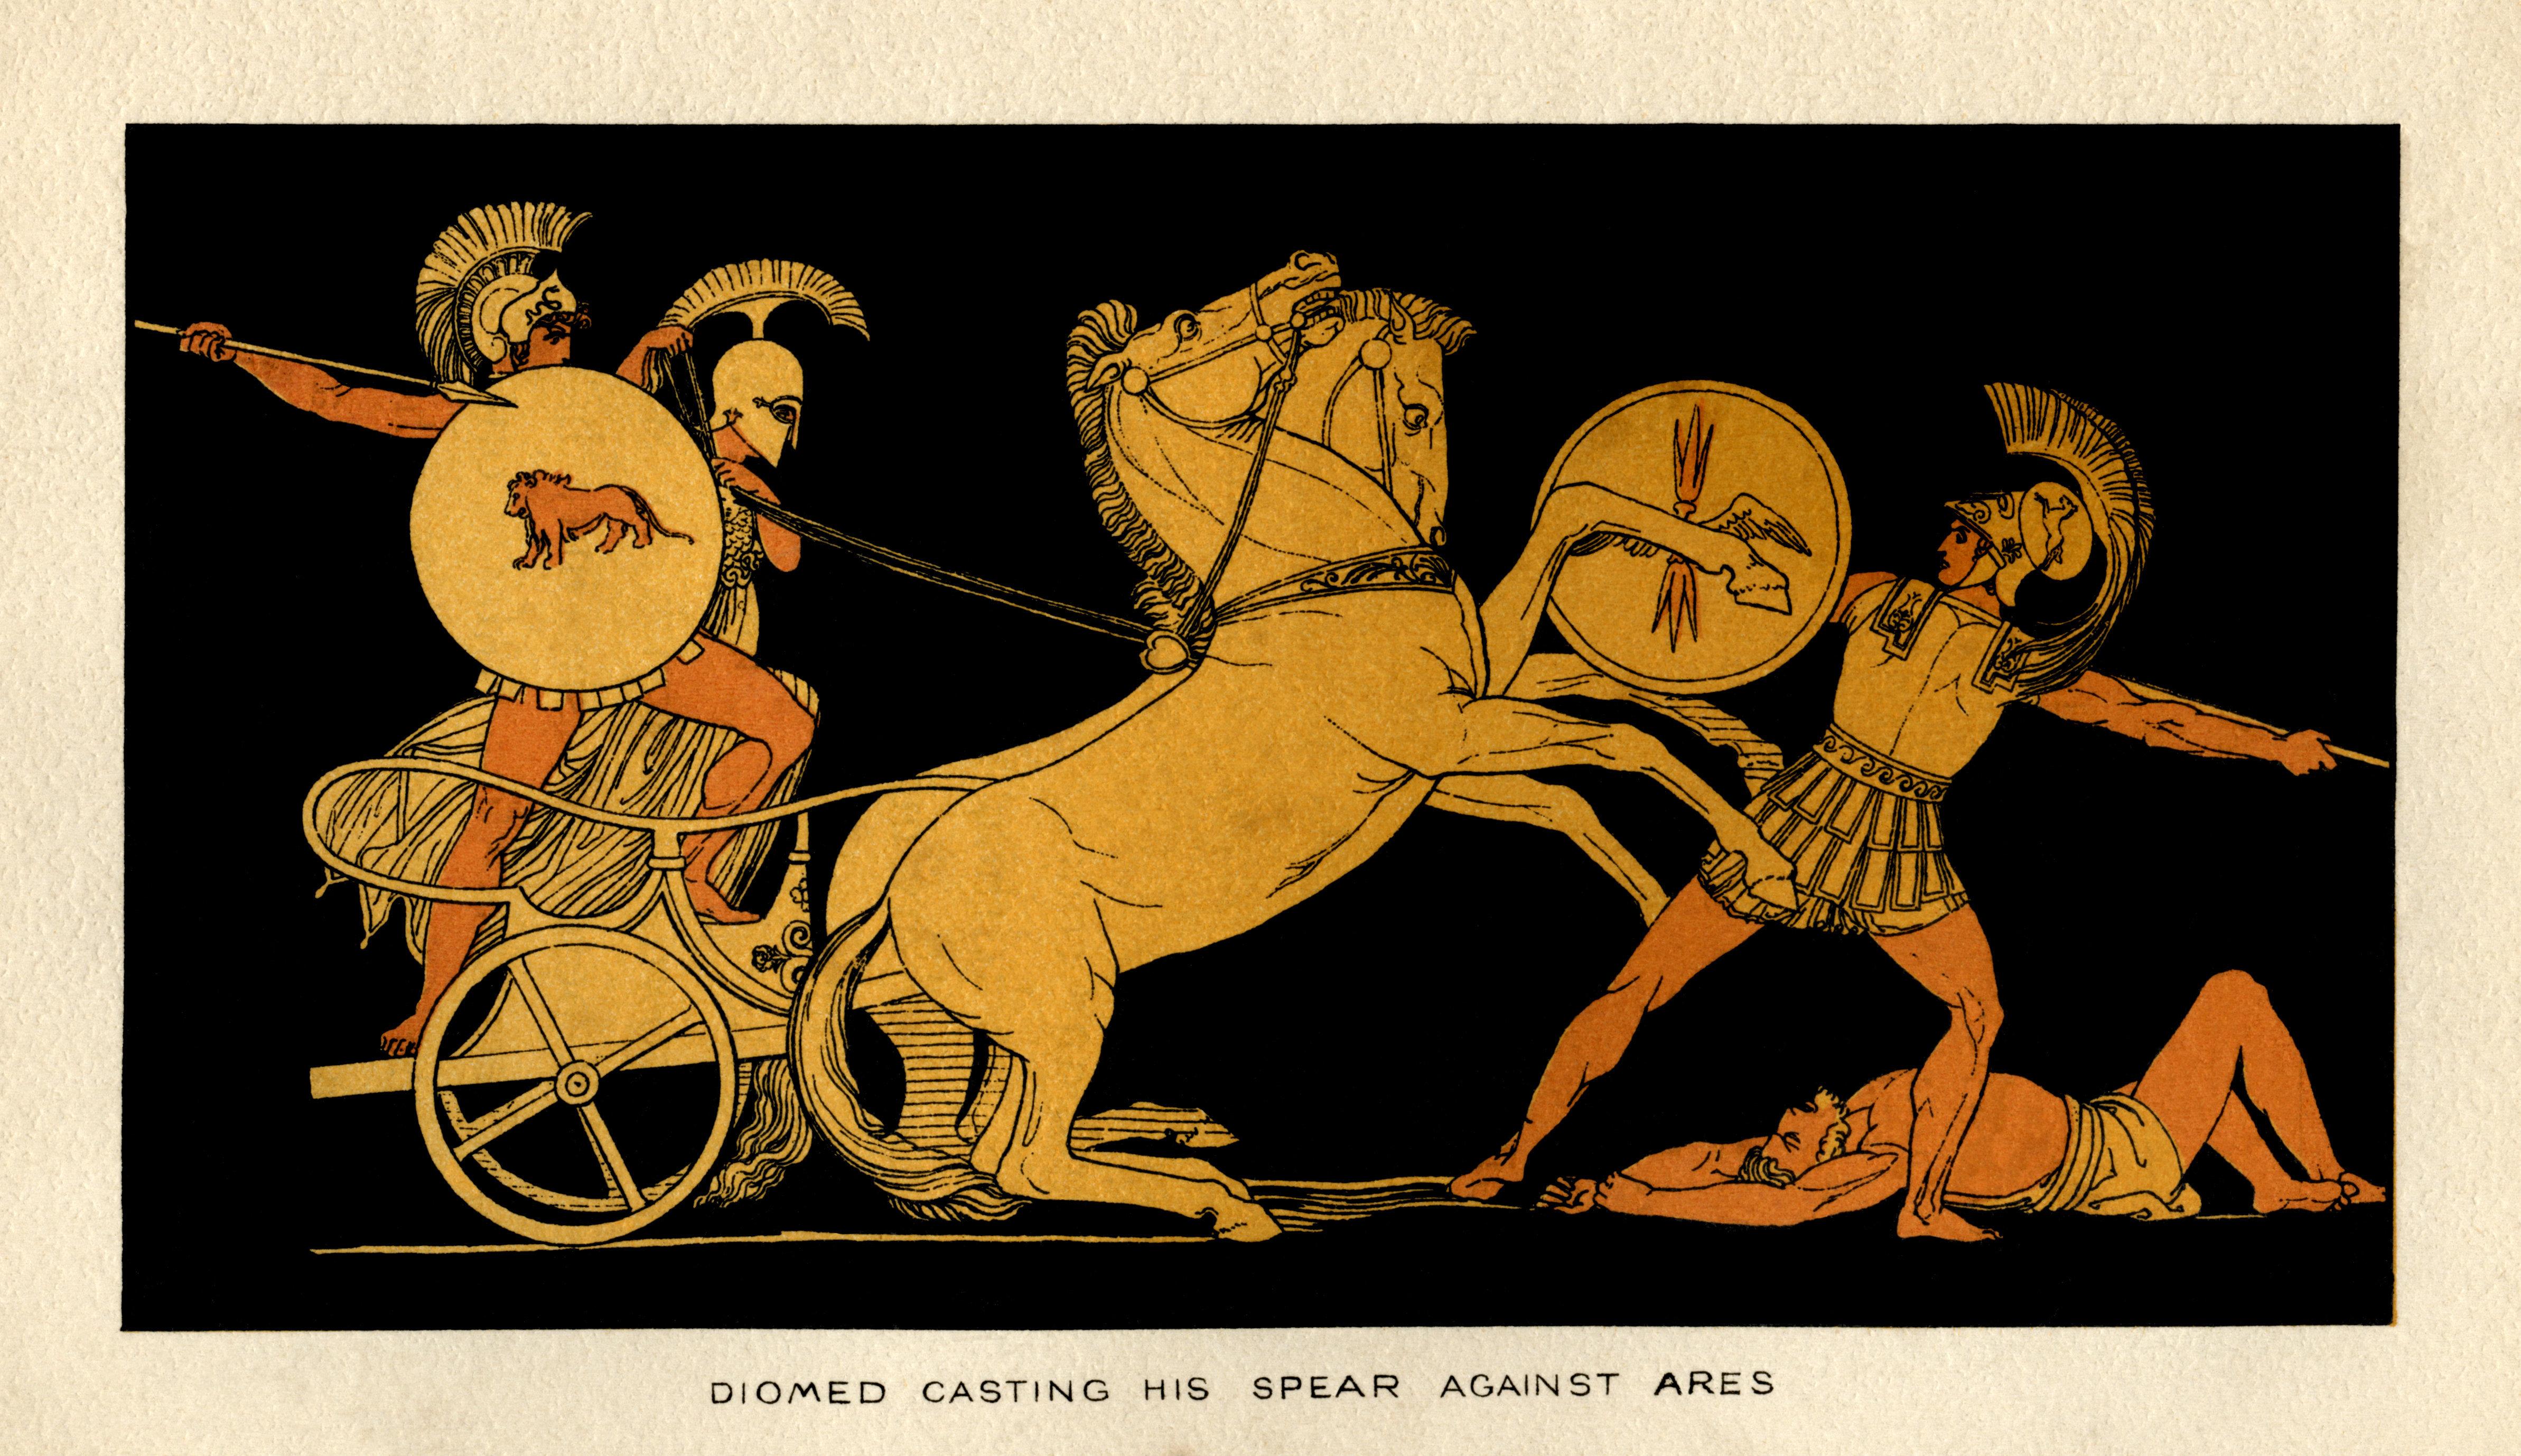 Η μάχη ενάντια στους θεούς: Ο Τιμ Γουΐτμαρς, συγγραφέας της «Θεομαχίας» μιλά στη HuffPost Greece για τους άθεους στην αρχαία